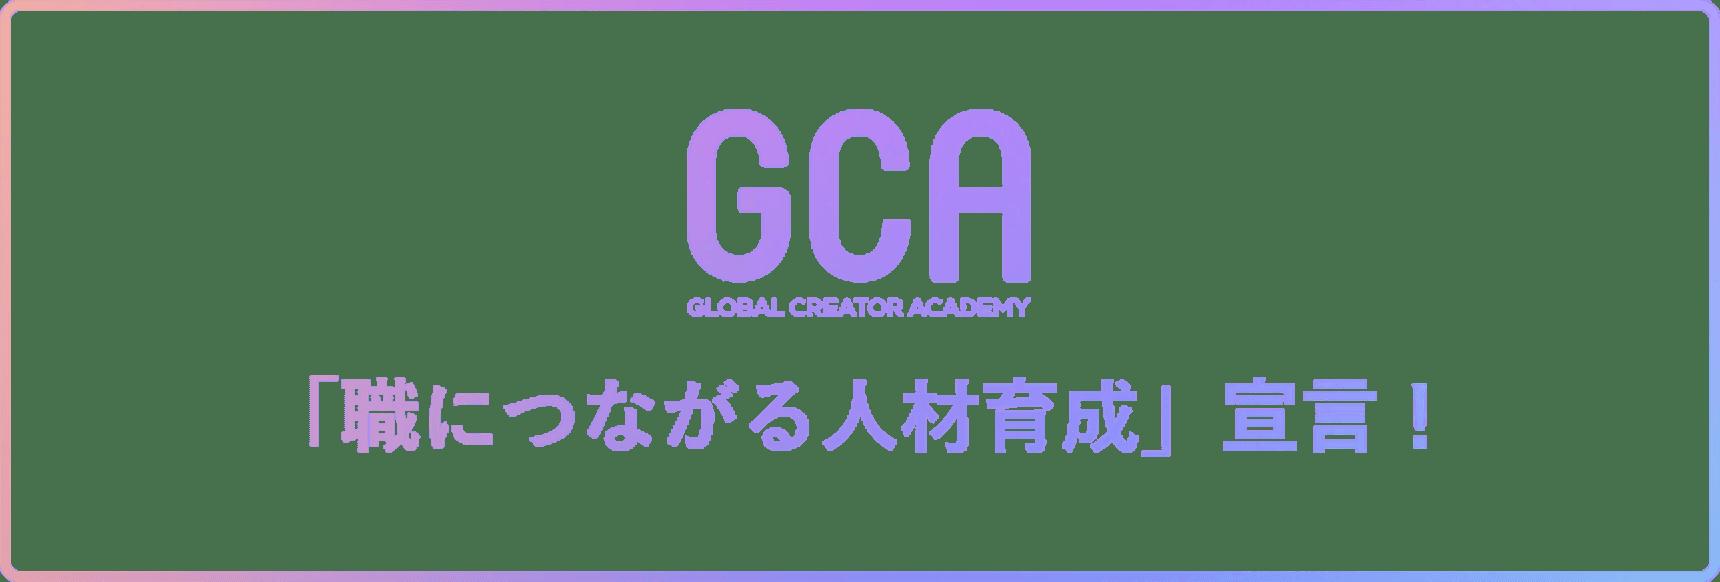 GCA 「職につながる人材人材育成」宣言!